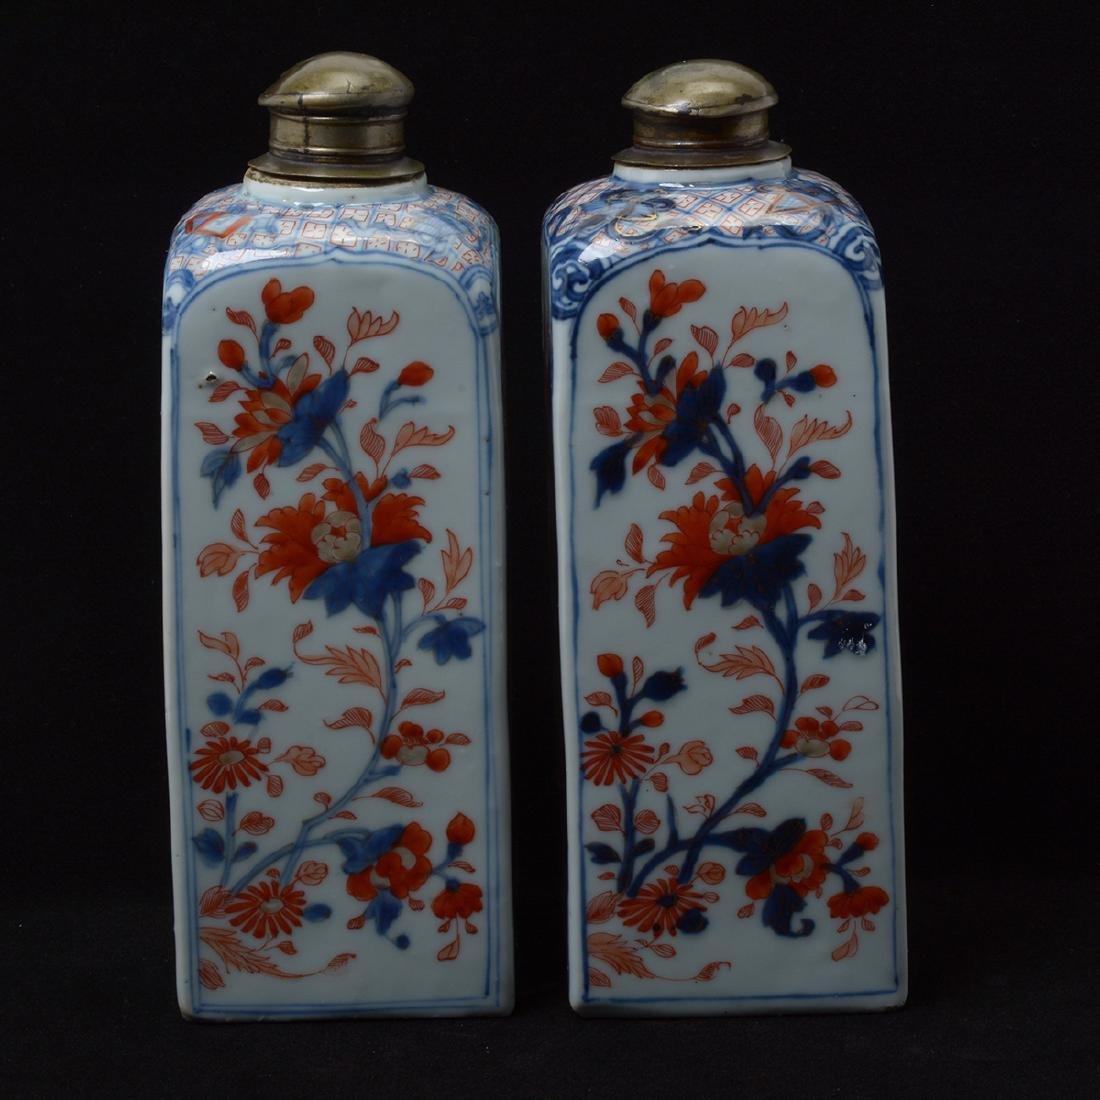 Pair of Chinese Imari Square Bottles, Kangxi Period - 2